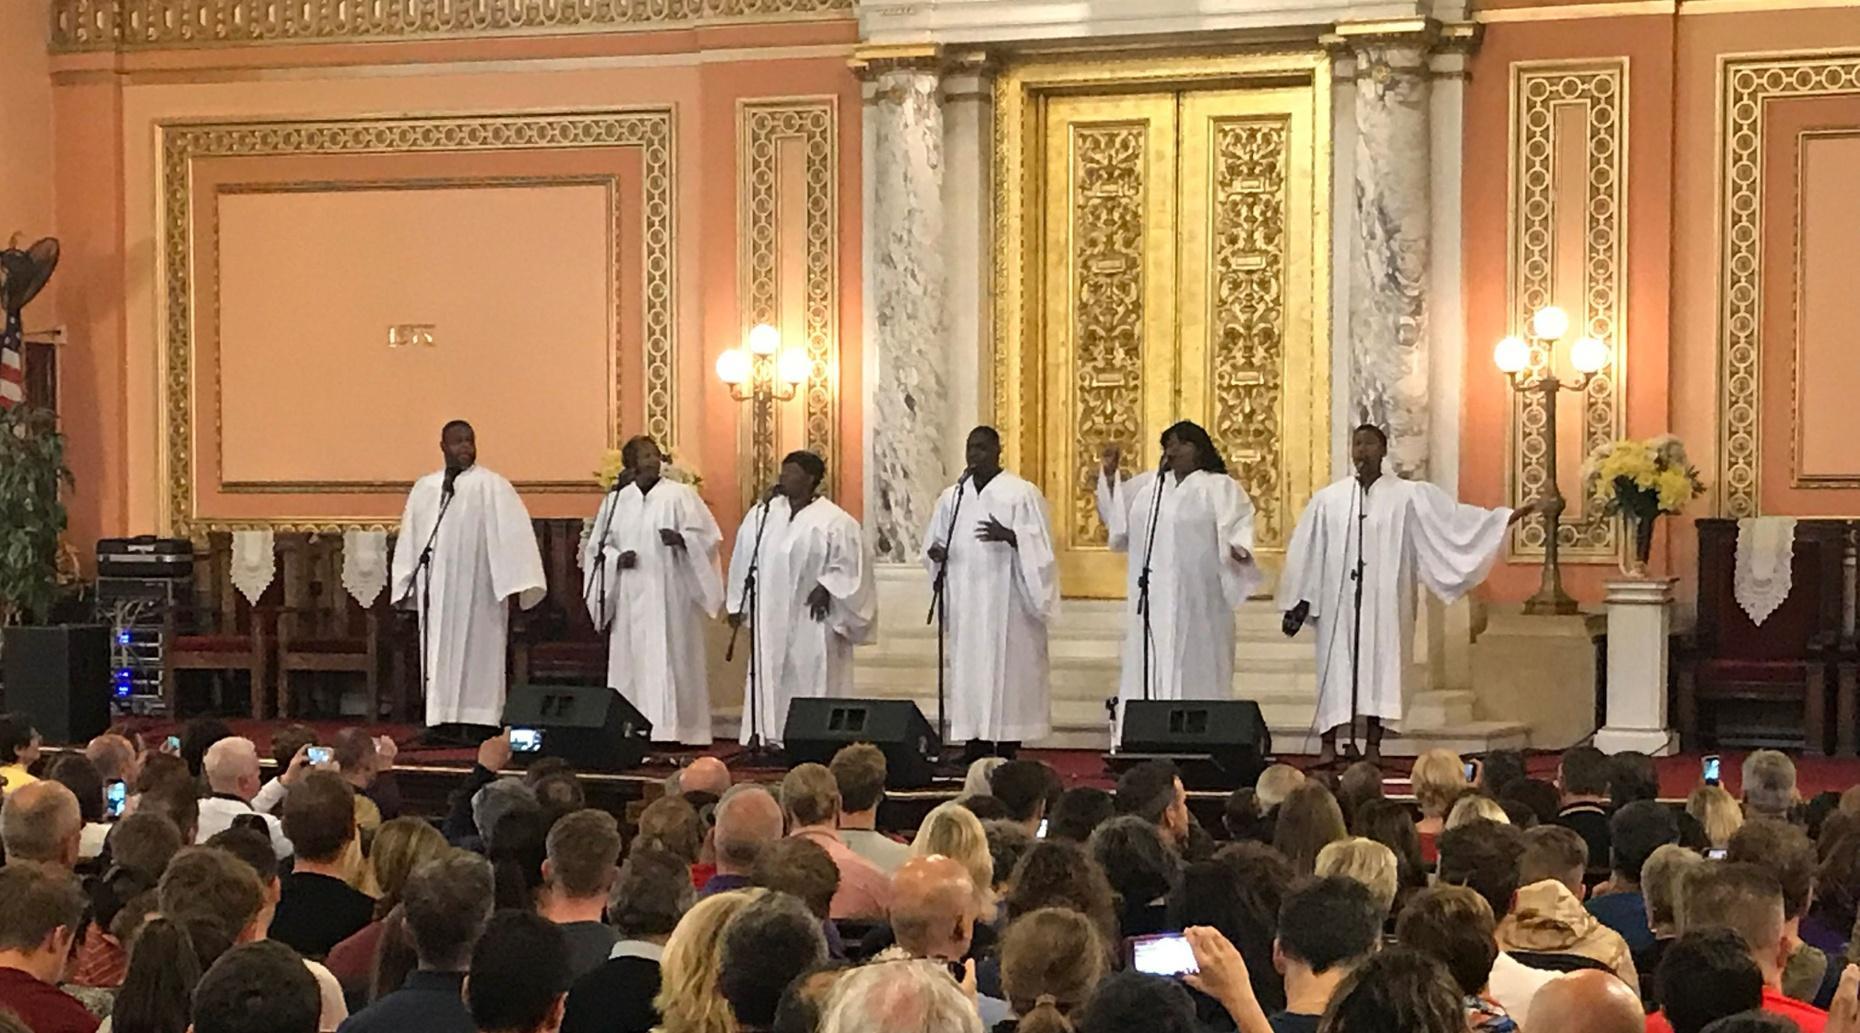 Harlem Easter Weekend Gospel Concert